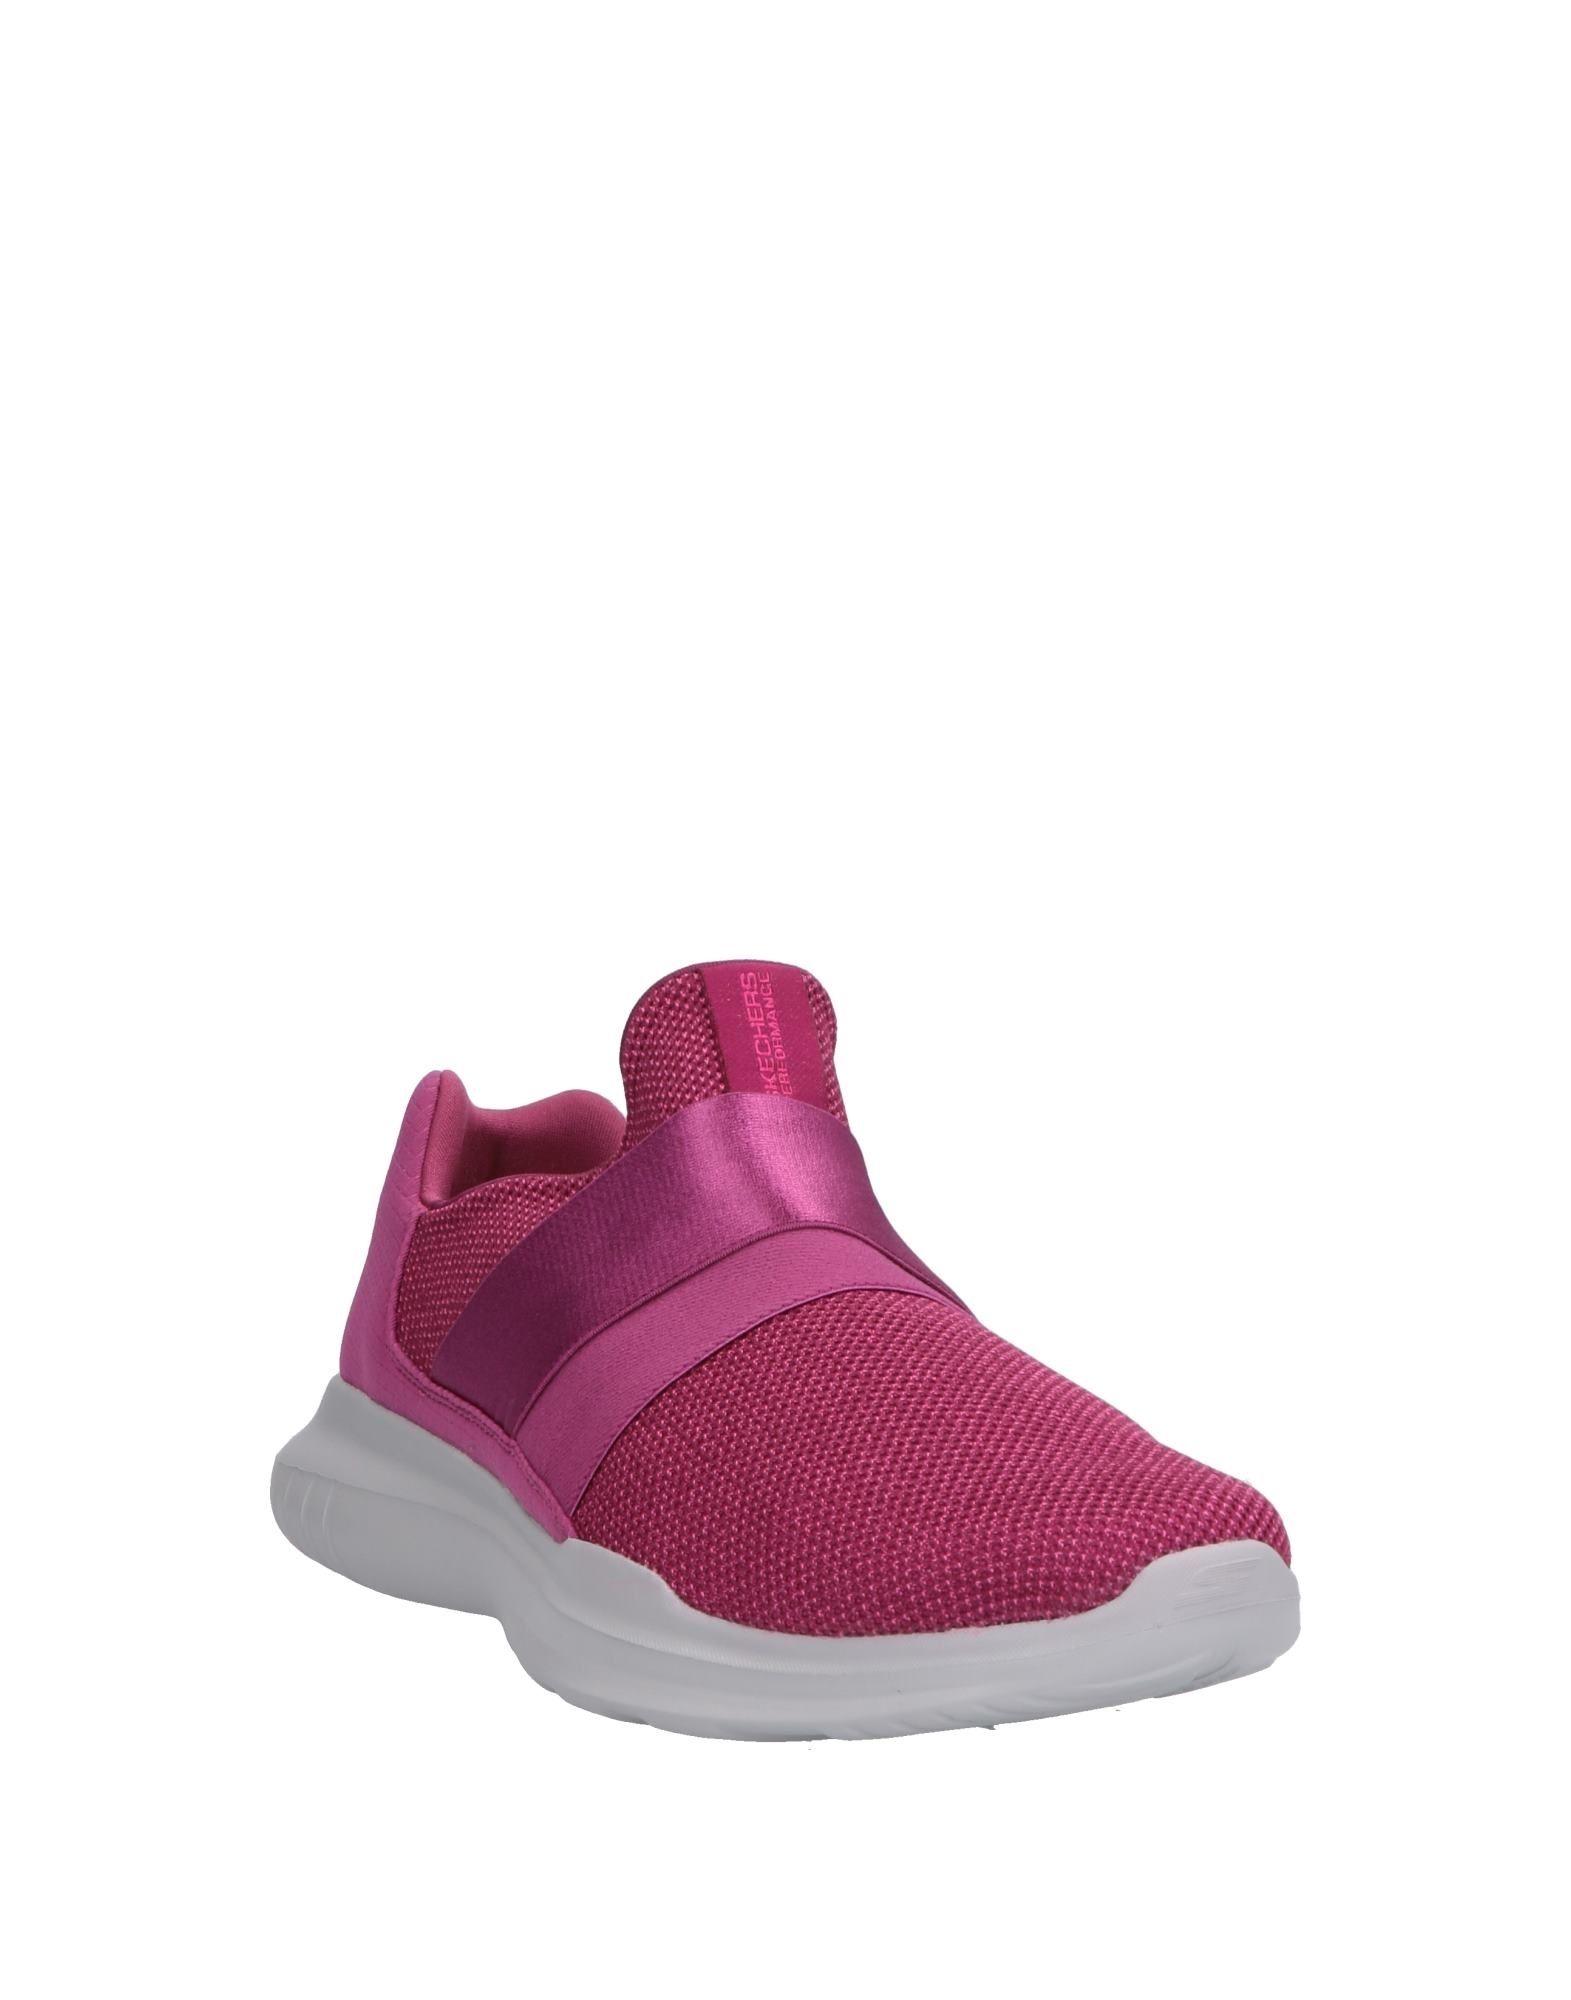 Skechers Sneakers lohnt Damen Gutes Preis-Leistungs-Verhältnis, es lohnt Sneakers sich 26d873